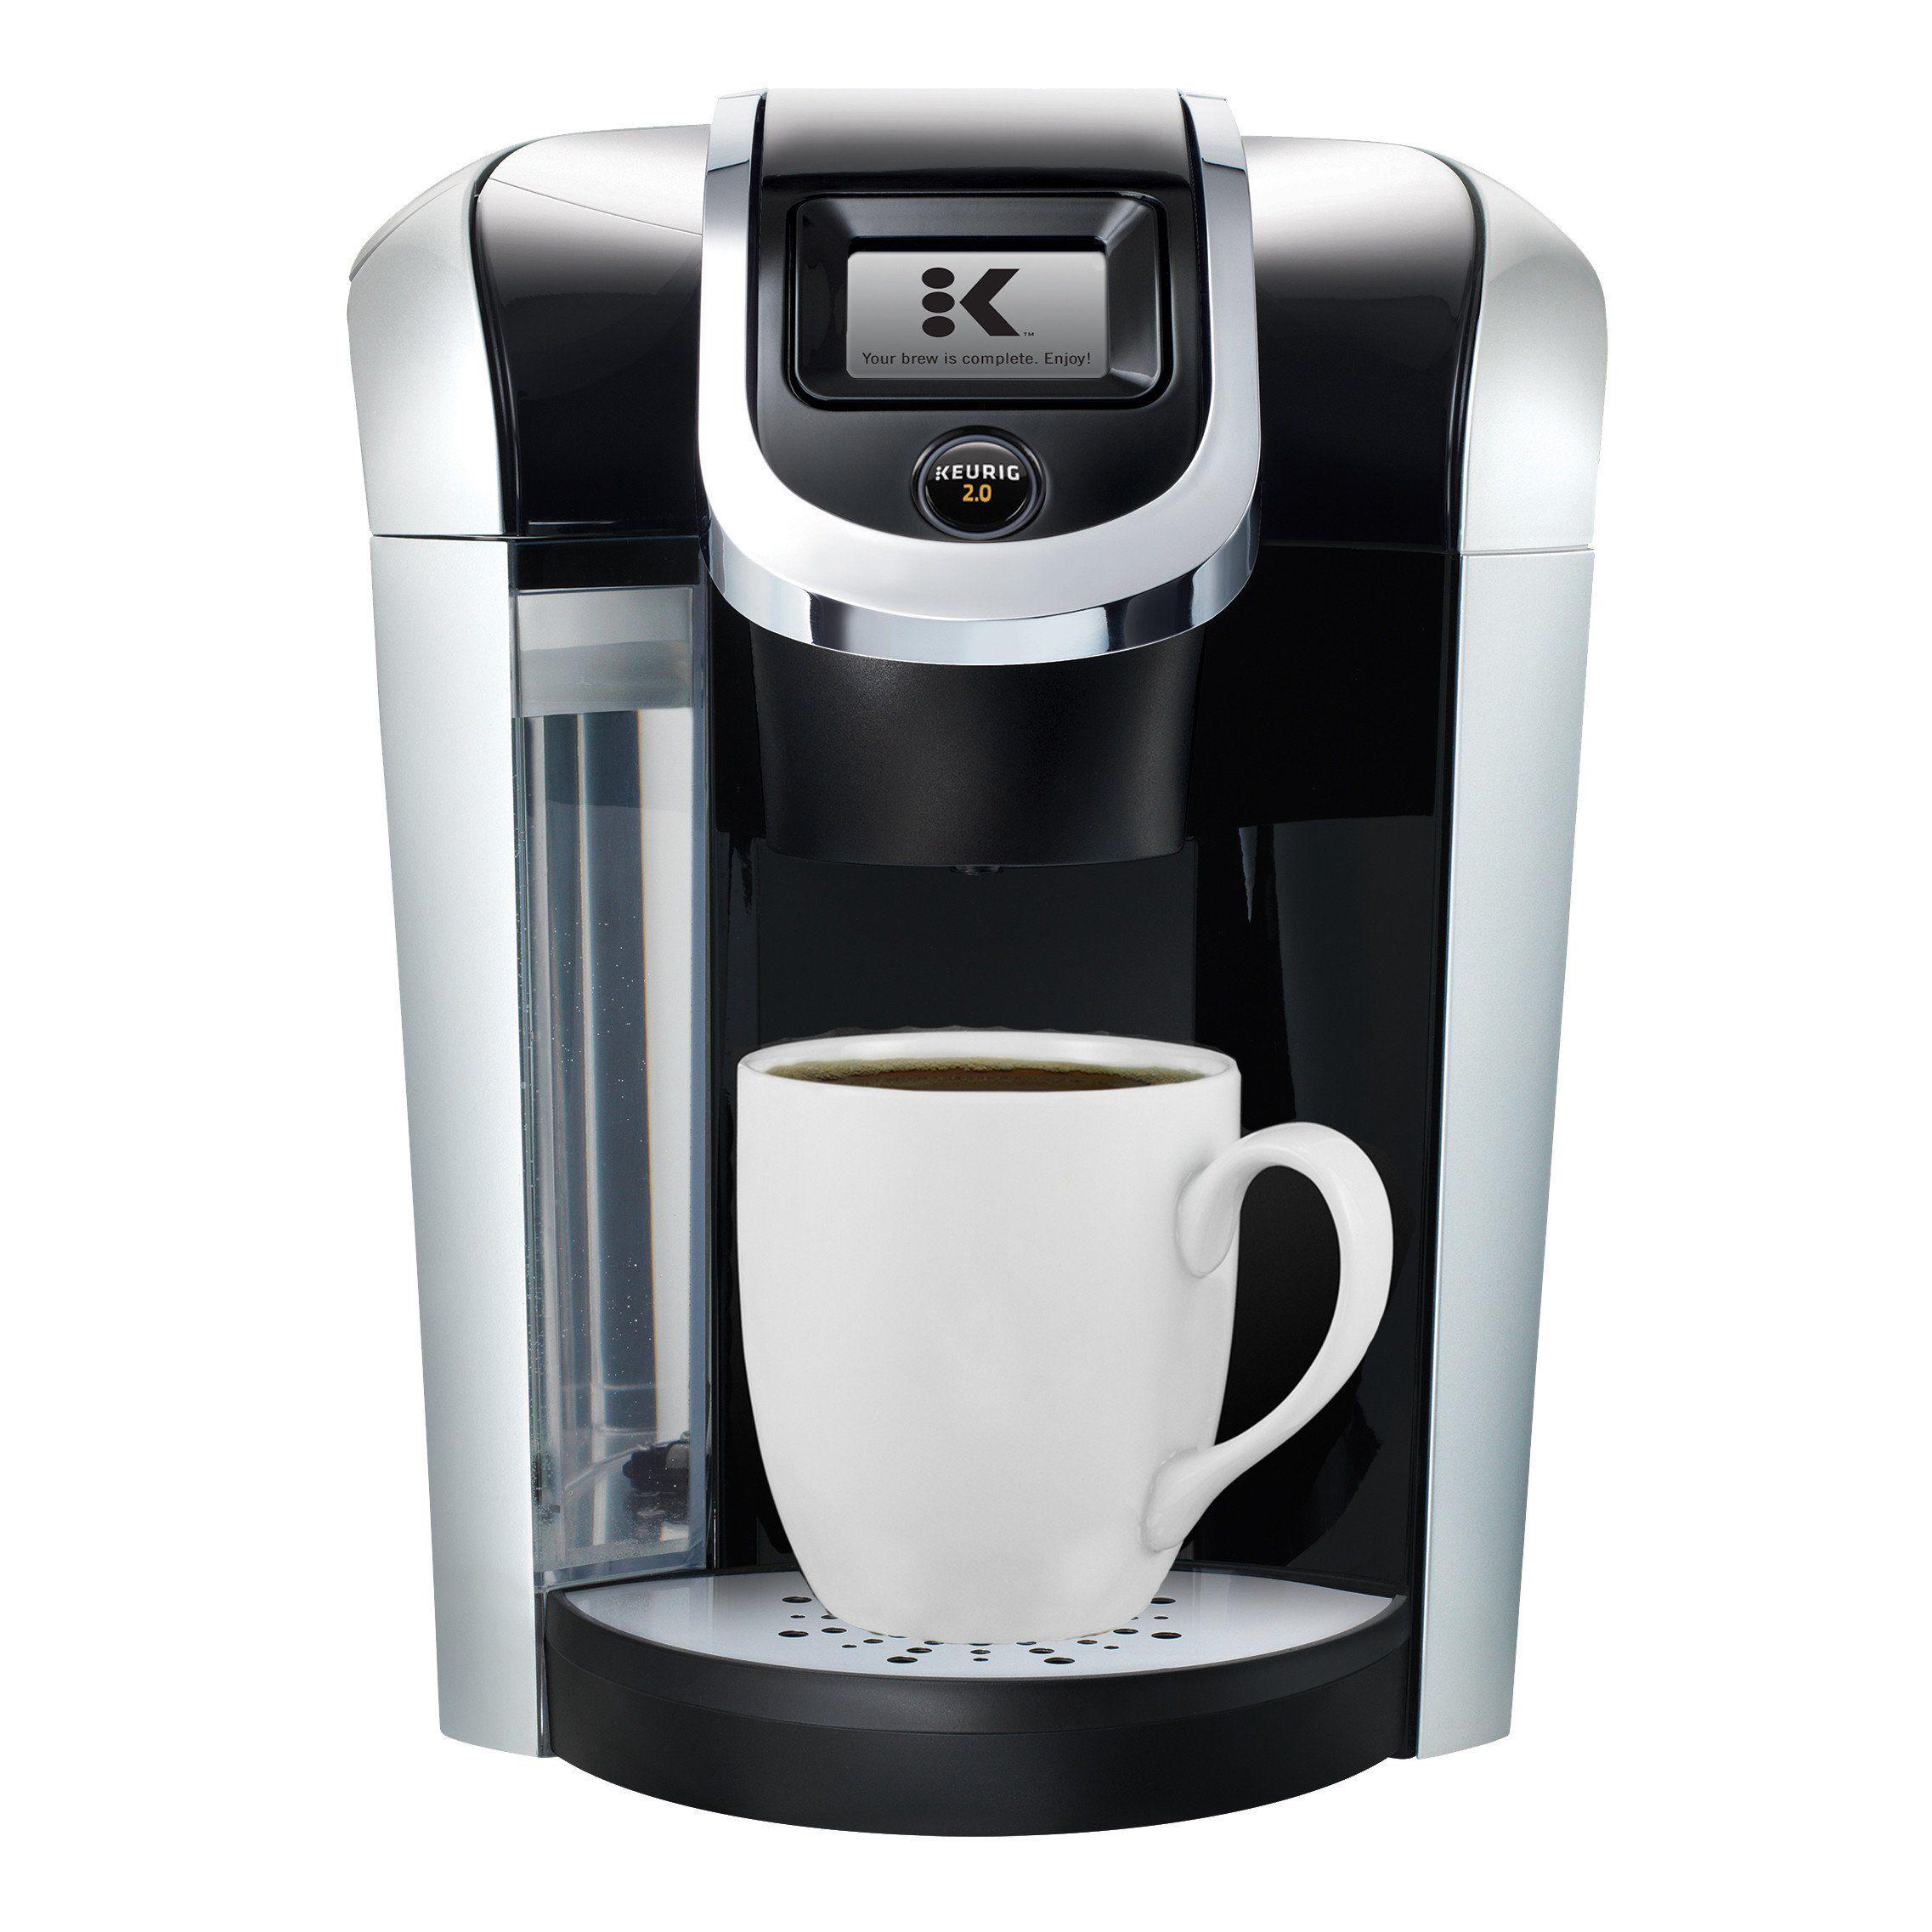 K475 keurig 20 brewer single serve coffee makers